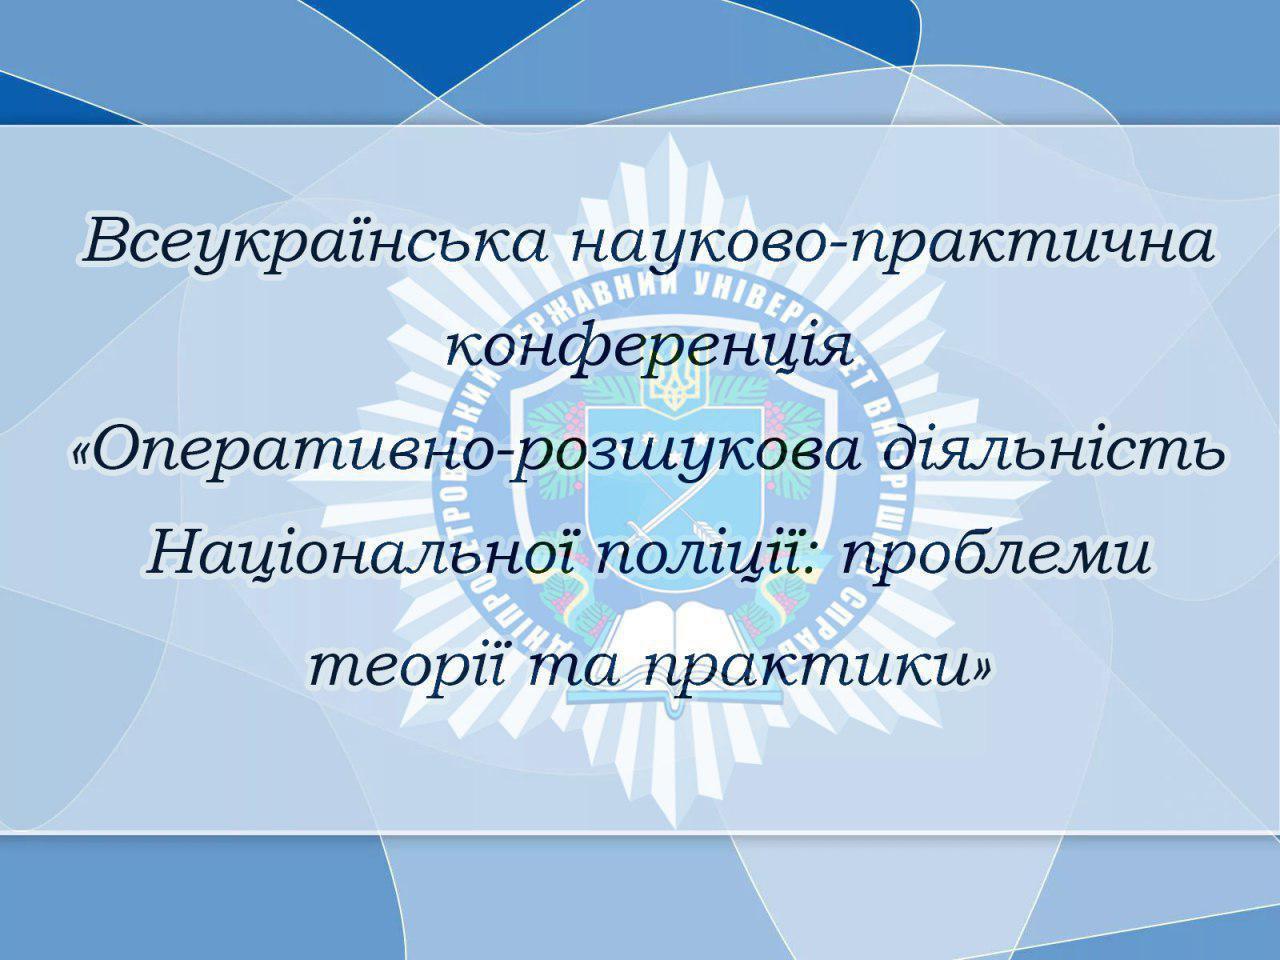 Запрошуємо взяти участь у всеукраїнській науково-практичній конференції «Оперативно-розшукова діяльність Національної поліції: проблеми теорії та практики»